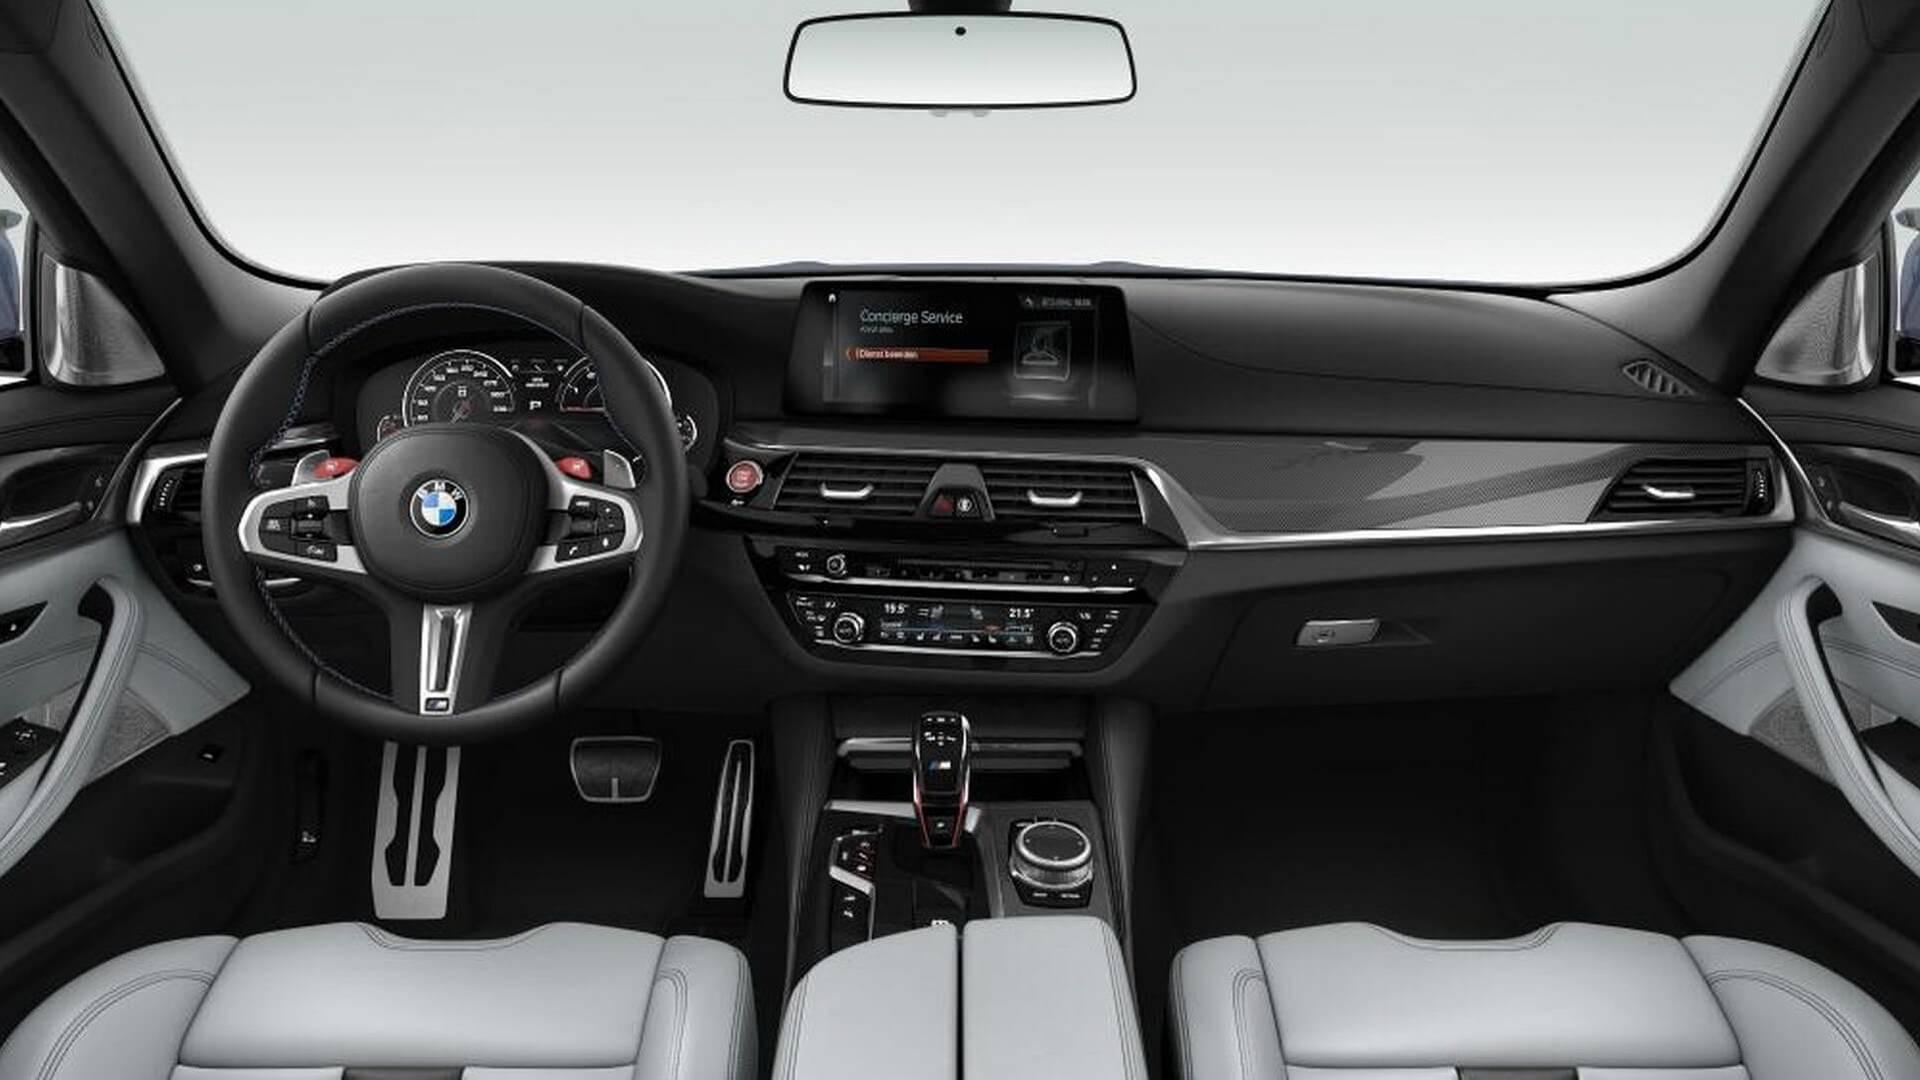 Изображения и подробности предстоящего BMW M5 Competition просочились в Интернет на этой неделе.